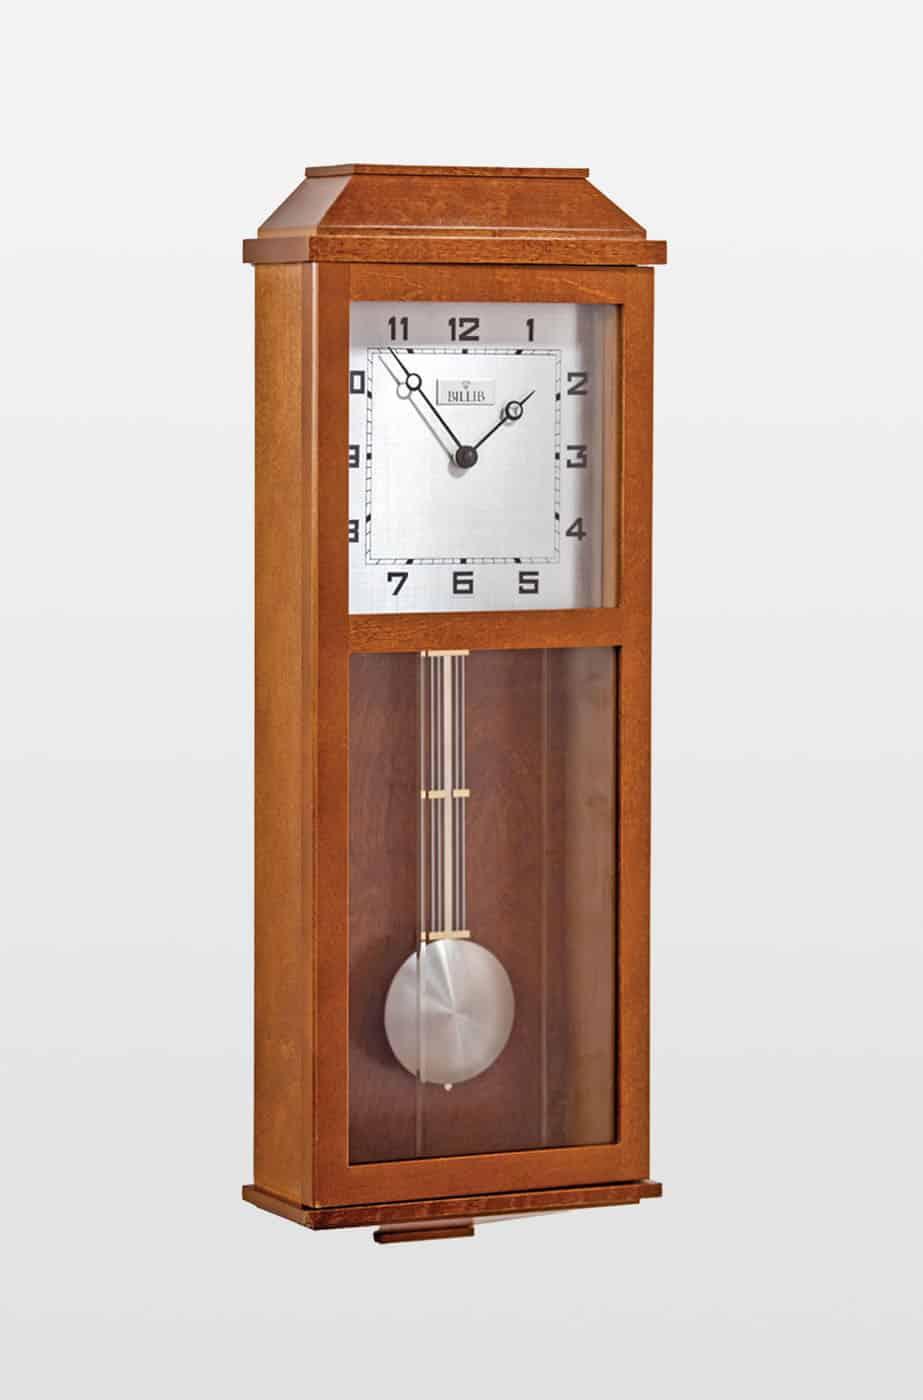 Newport Traditional Design Oak Finish Quartz Wall Clock